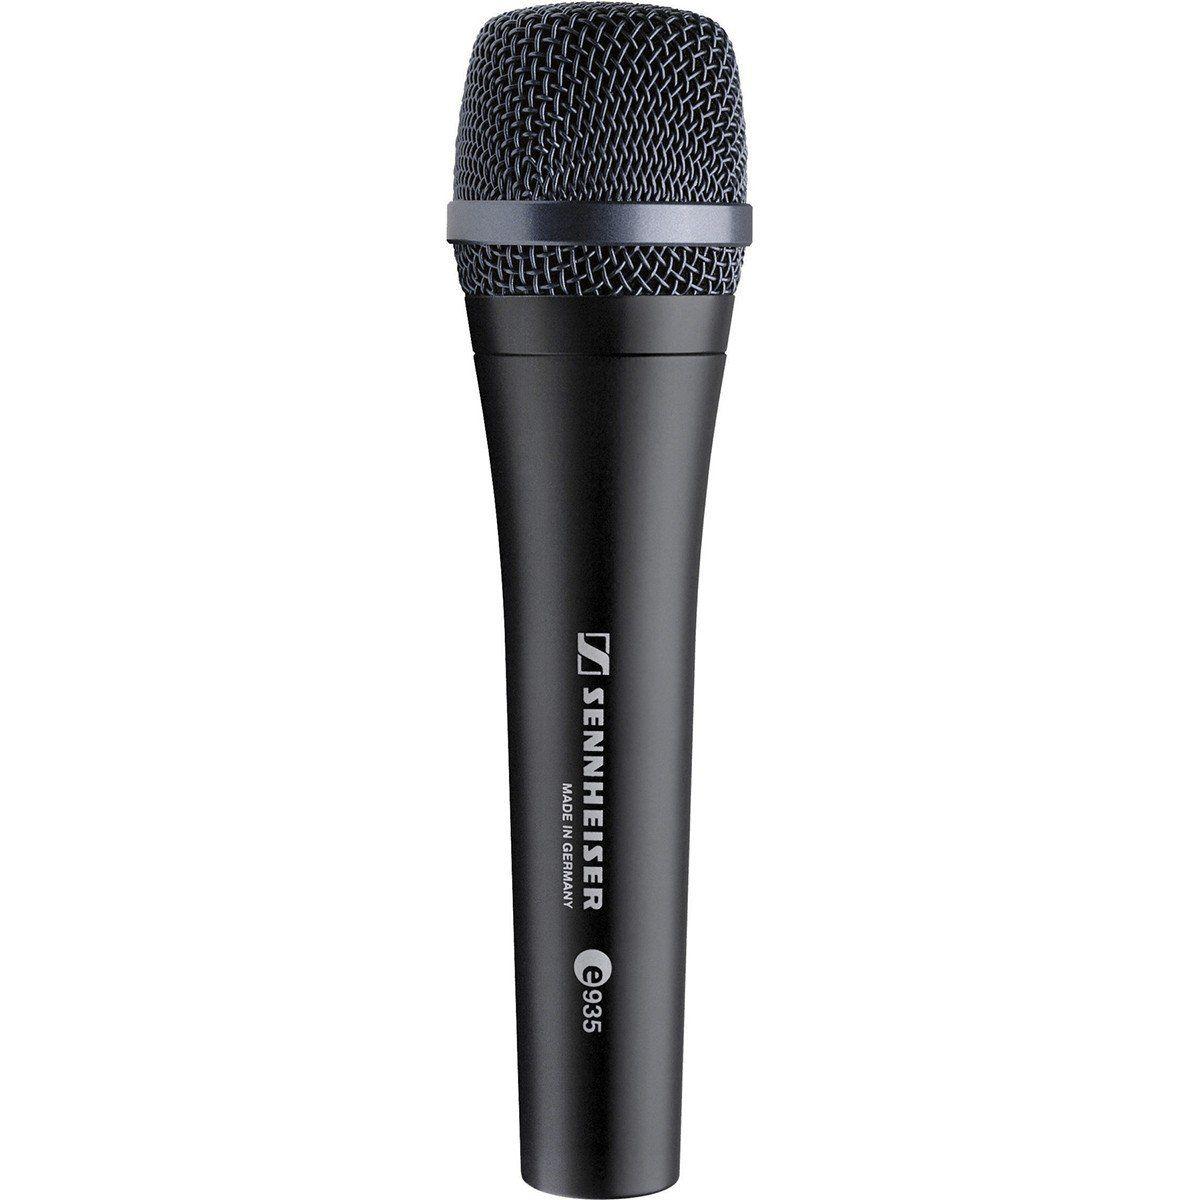 Sennheiser E935 Microfone Dinâmico Cardioide Sennheiser E 935 Profissional para Vocais